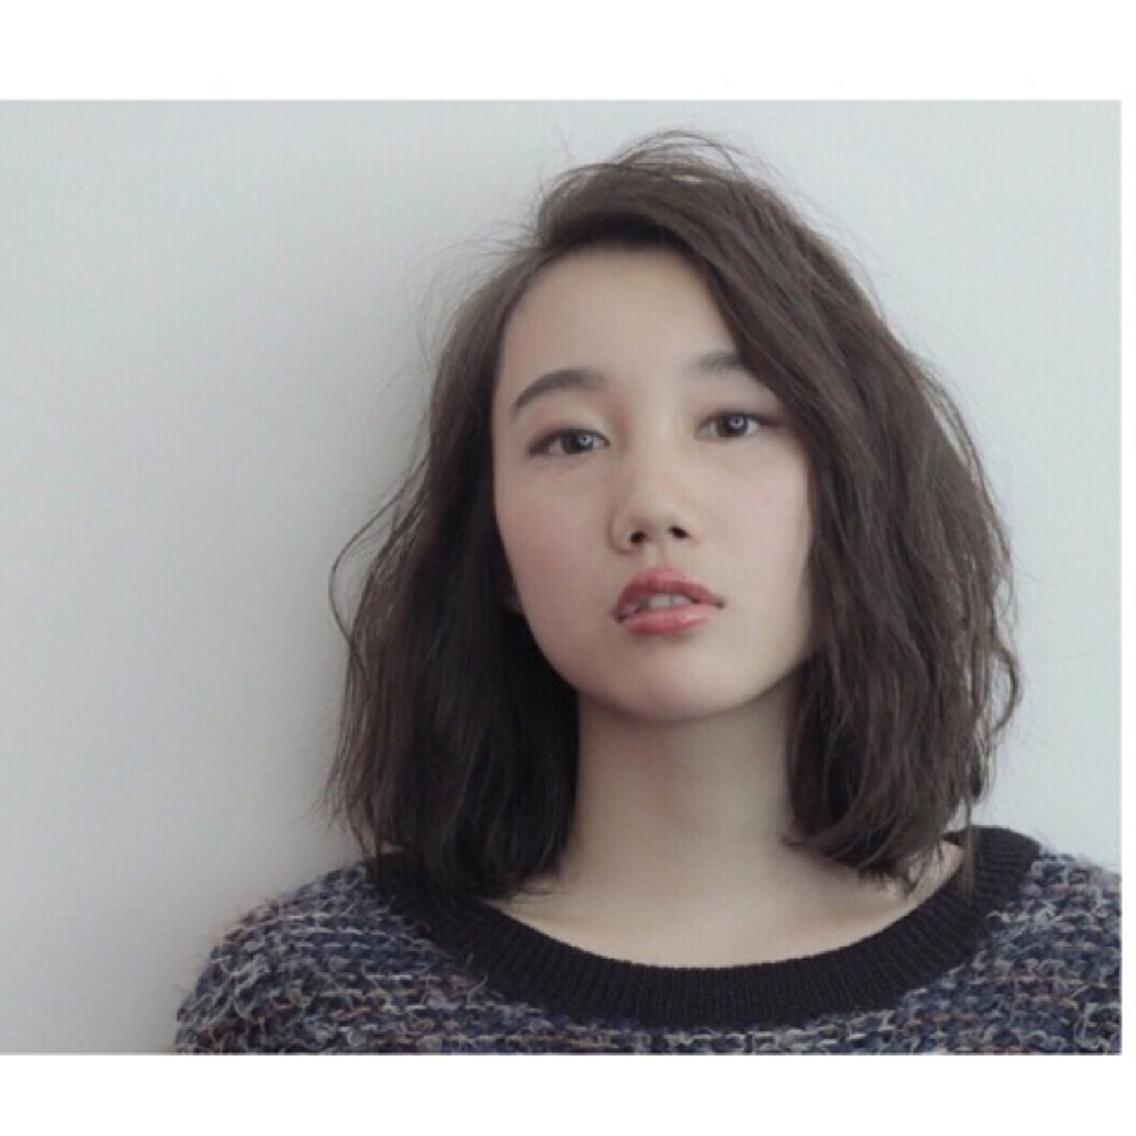 """Atoroは""""今を楽しみたい""""おしゃれ感度の高い女性がもっともっと可愛く・おしゃれになれるサロンです。Atoro流似合わせ理論とお顔分析に基づき、おしゃれを気軽に楽しめるお顔周りを着替えるサロンです。"""